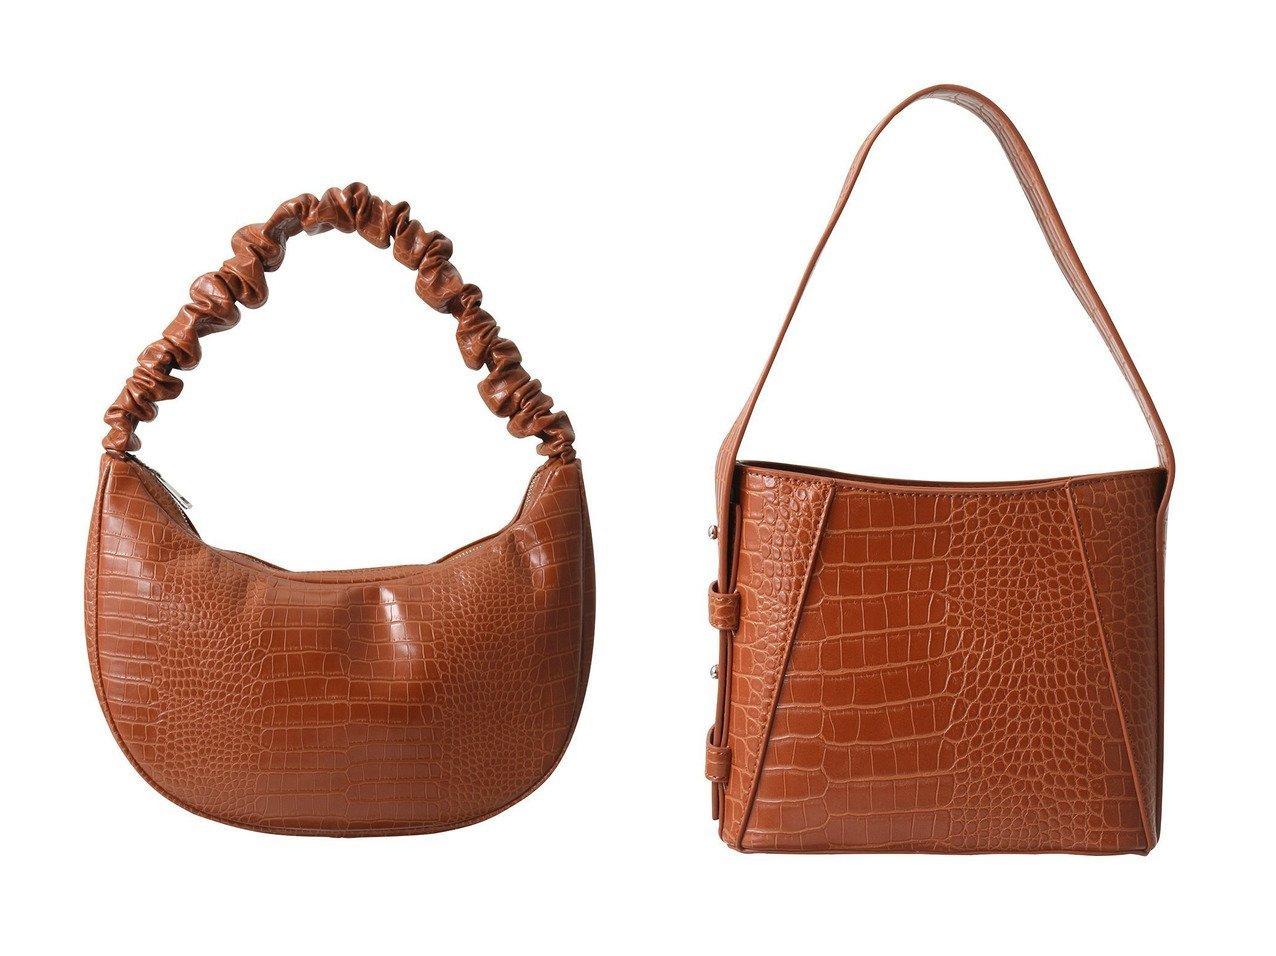 【HVISK/ヴィスク】のBRINY SMALL MATTE CROCO ハンドバッグ&MOON MATTE CROCO ショルダーバッグ 【バッグ・鞄】おすすめ!人気、トレンド・レディースファッションの通販 おすすめで人気の流行・トレンド、ファッションの通販商品 インテリア・家具・メンズファッション・キッズファッション・レディースファッション・服の通販 founy(ファニー) https://founy.com/ ファッション Fashion レディースファッション WOMEN バッグ Bag クロコ ハンドバッグ  ID:crp329100000070717